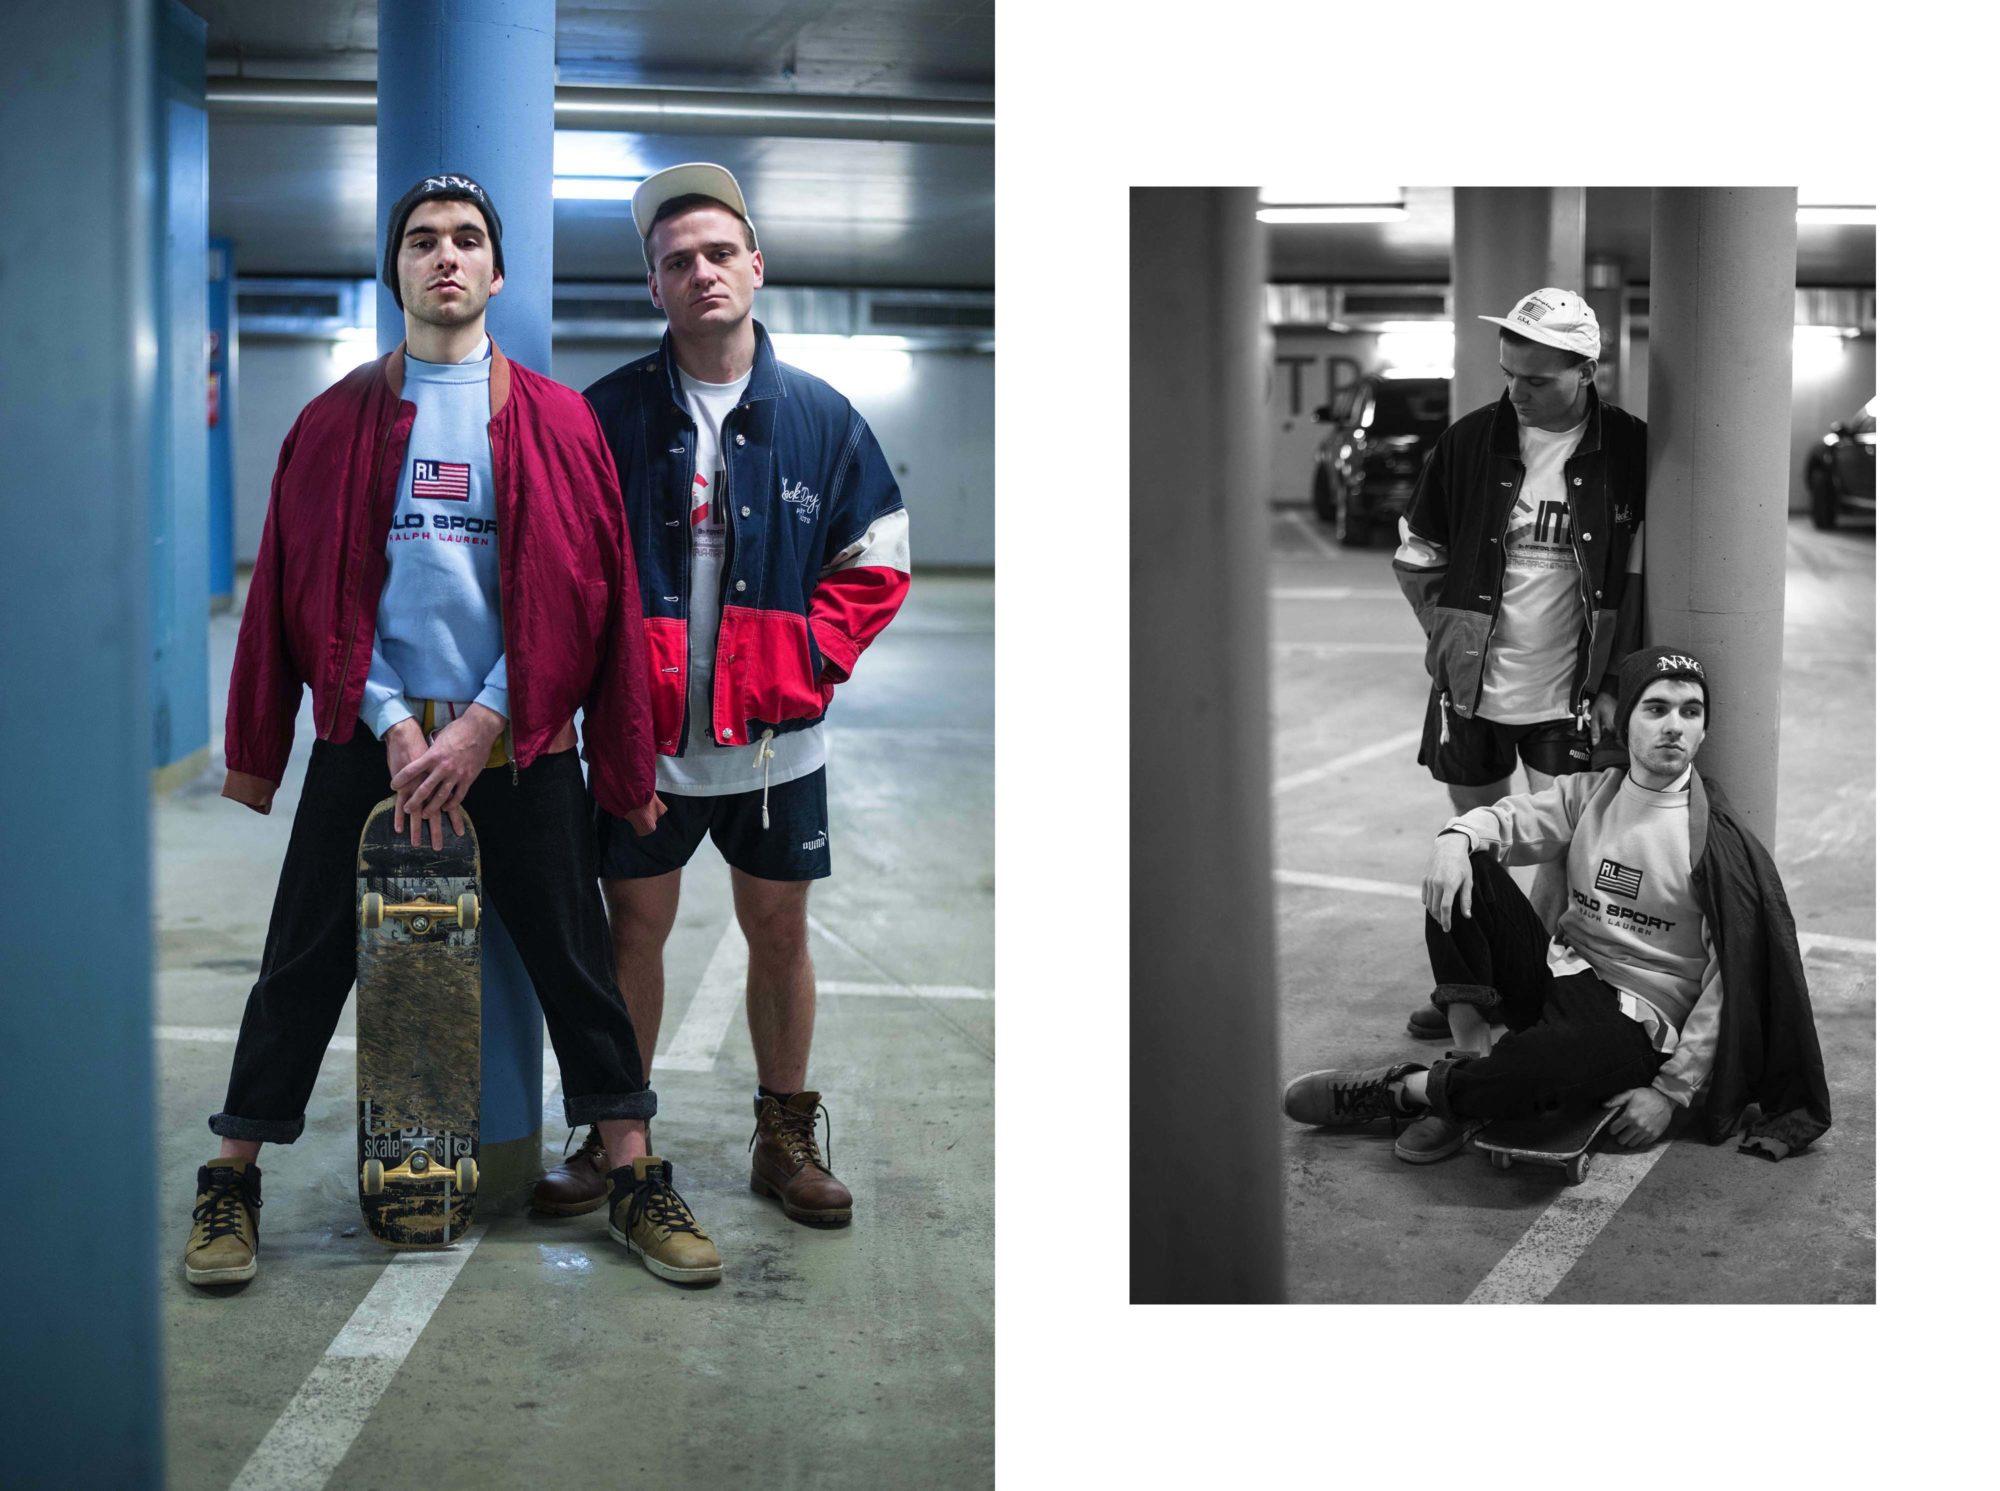 generation v vintage soft grunge dogdays of summer onlineshop graz österreich steiermark europa austria grunge vibes 90s